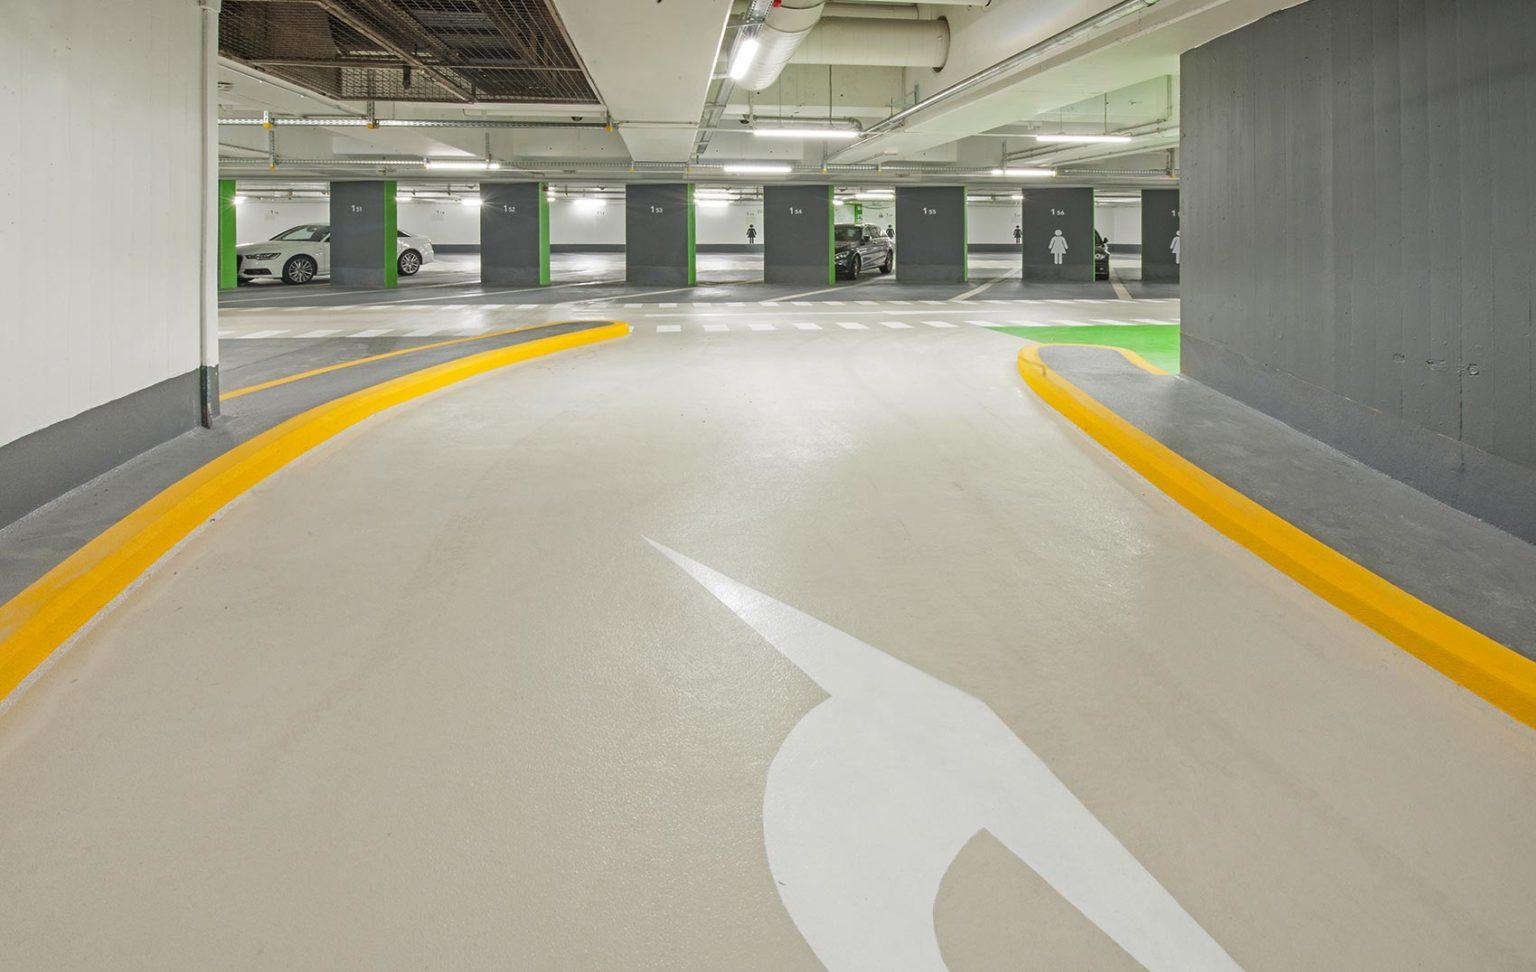 Epoxy coating parkinginrit